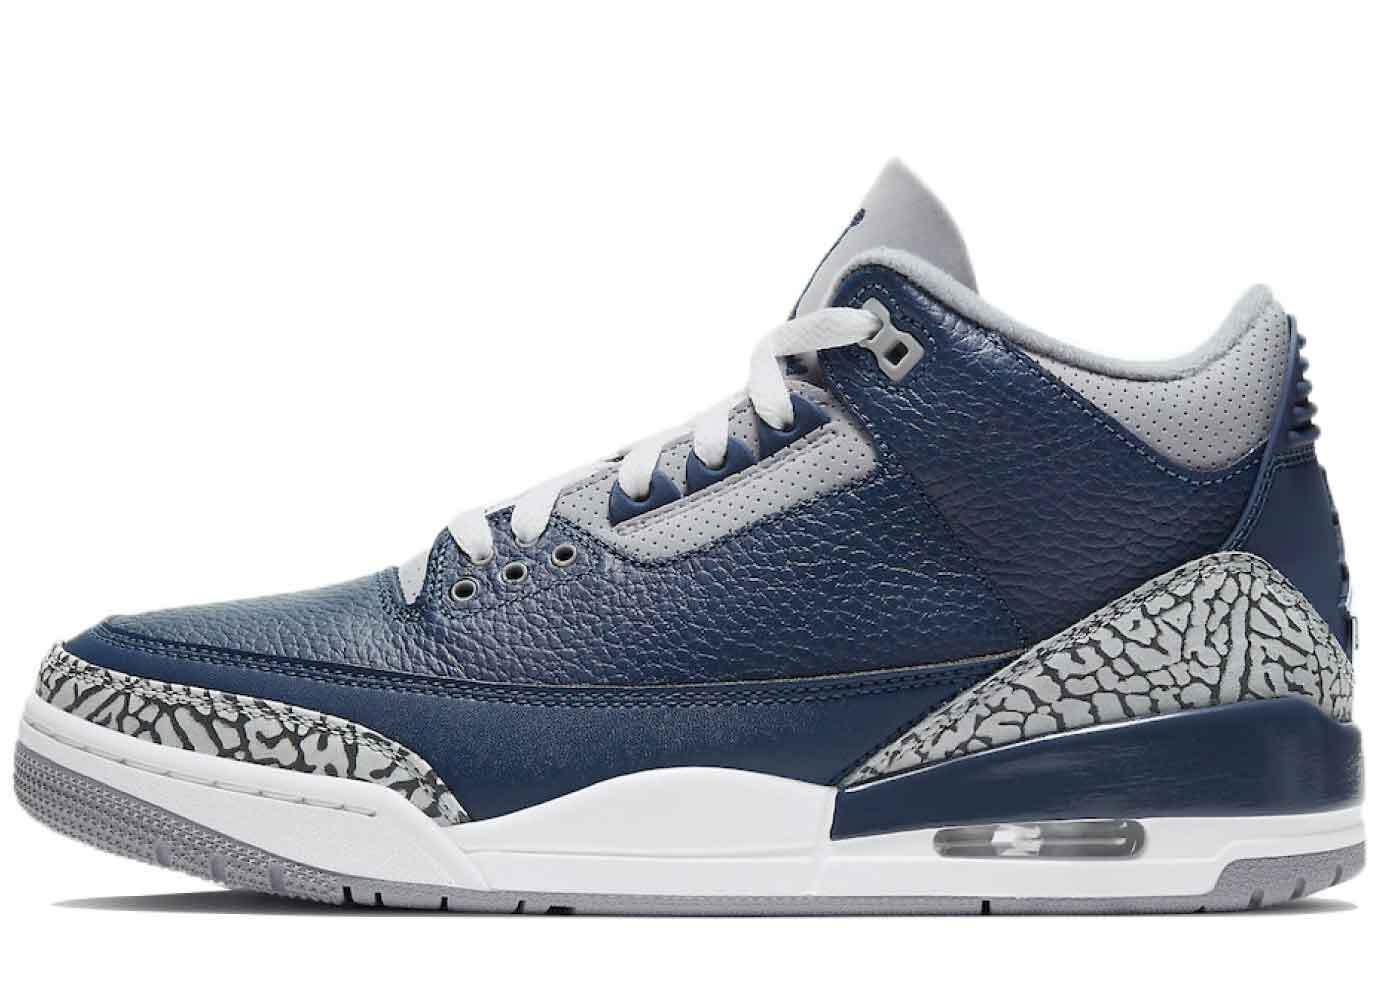 Nike Air Jordan 3 Midnight Navyの写真